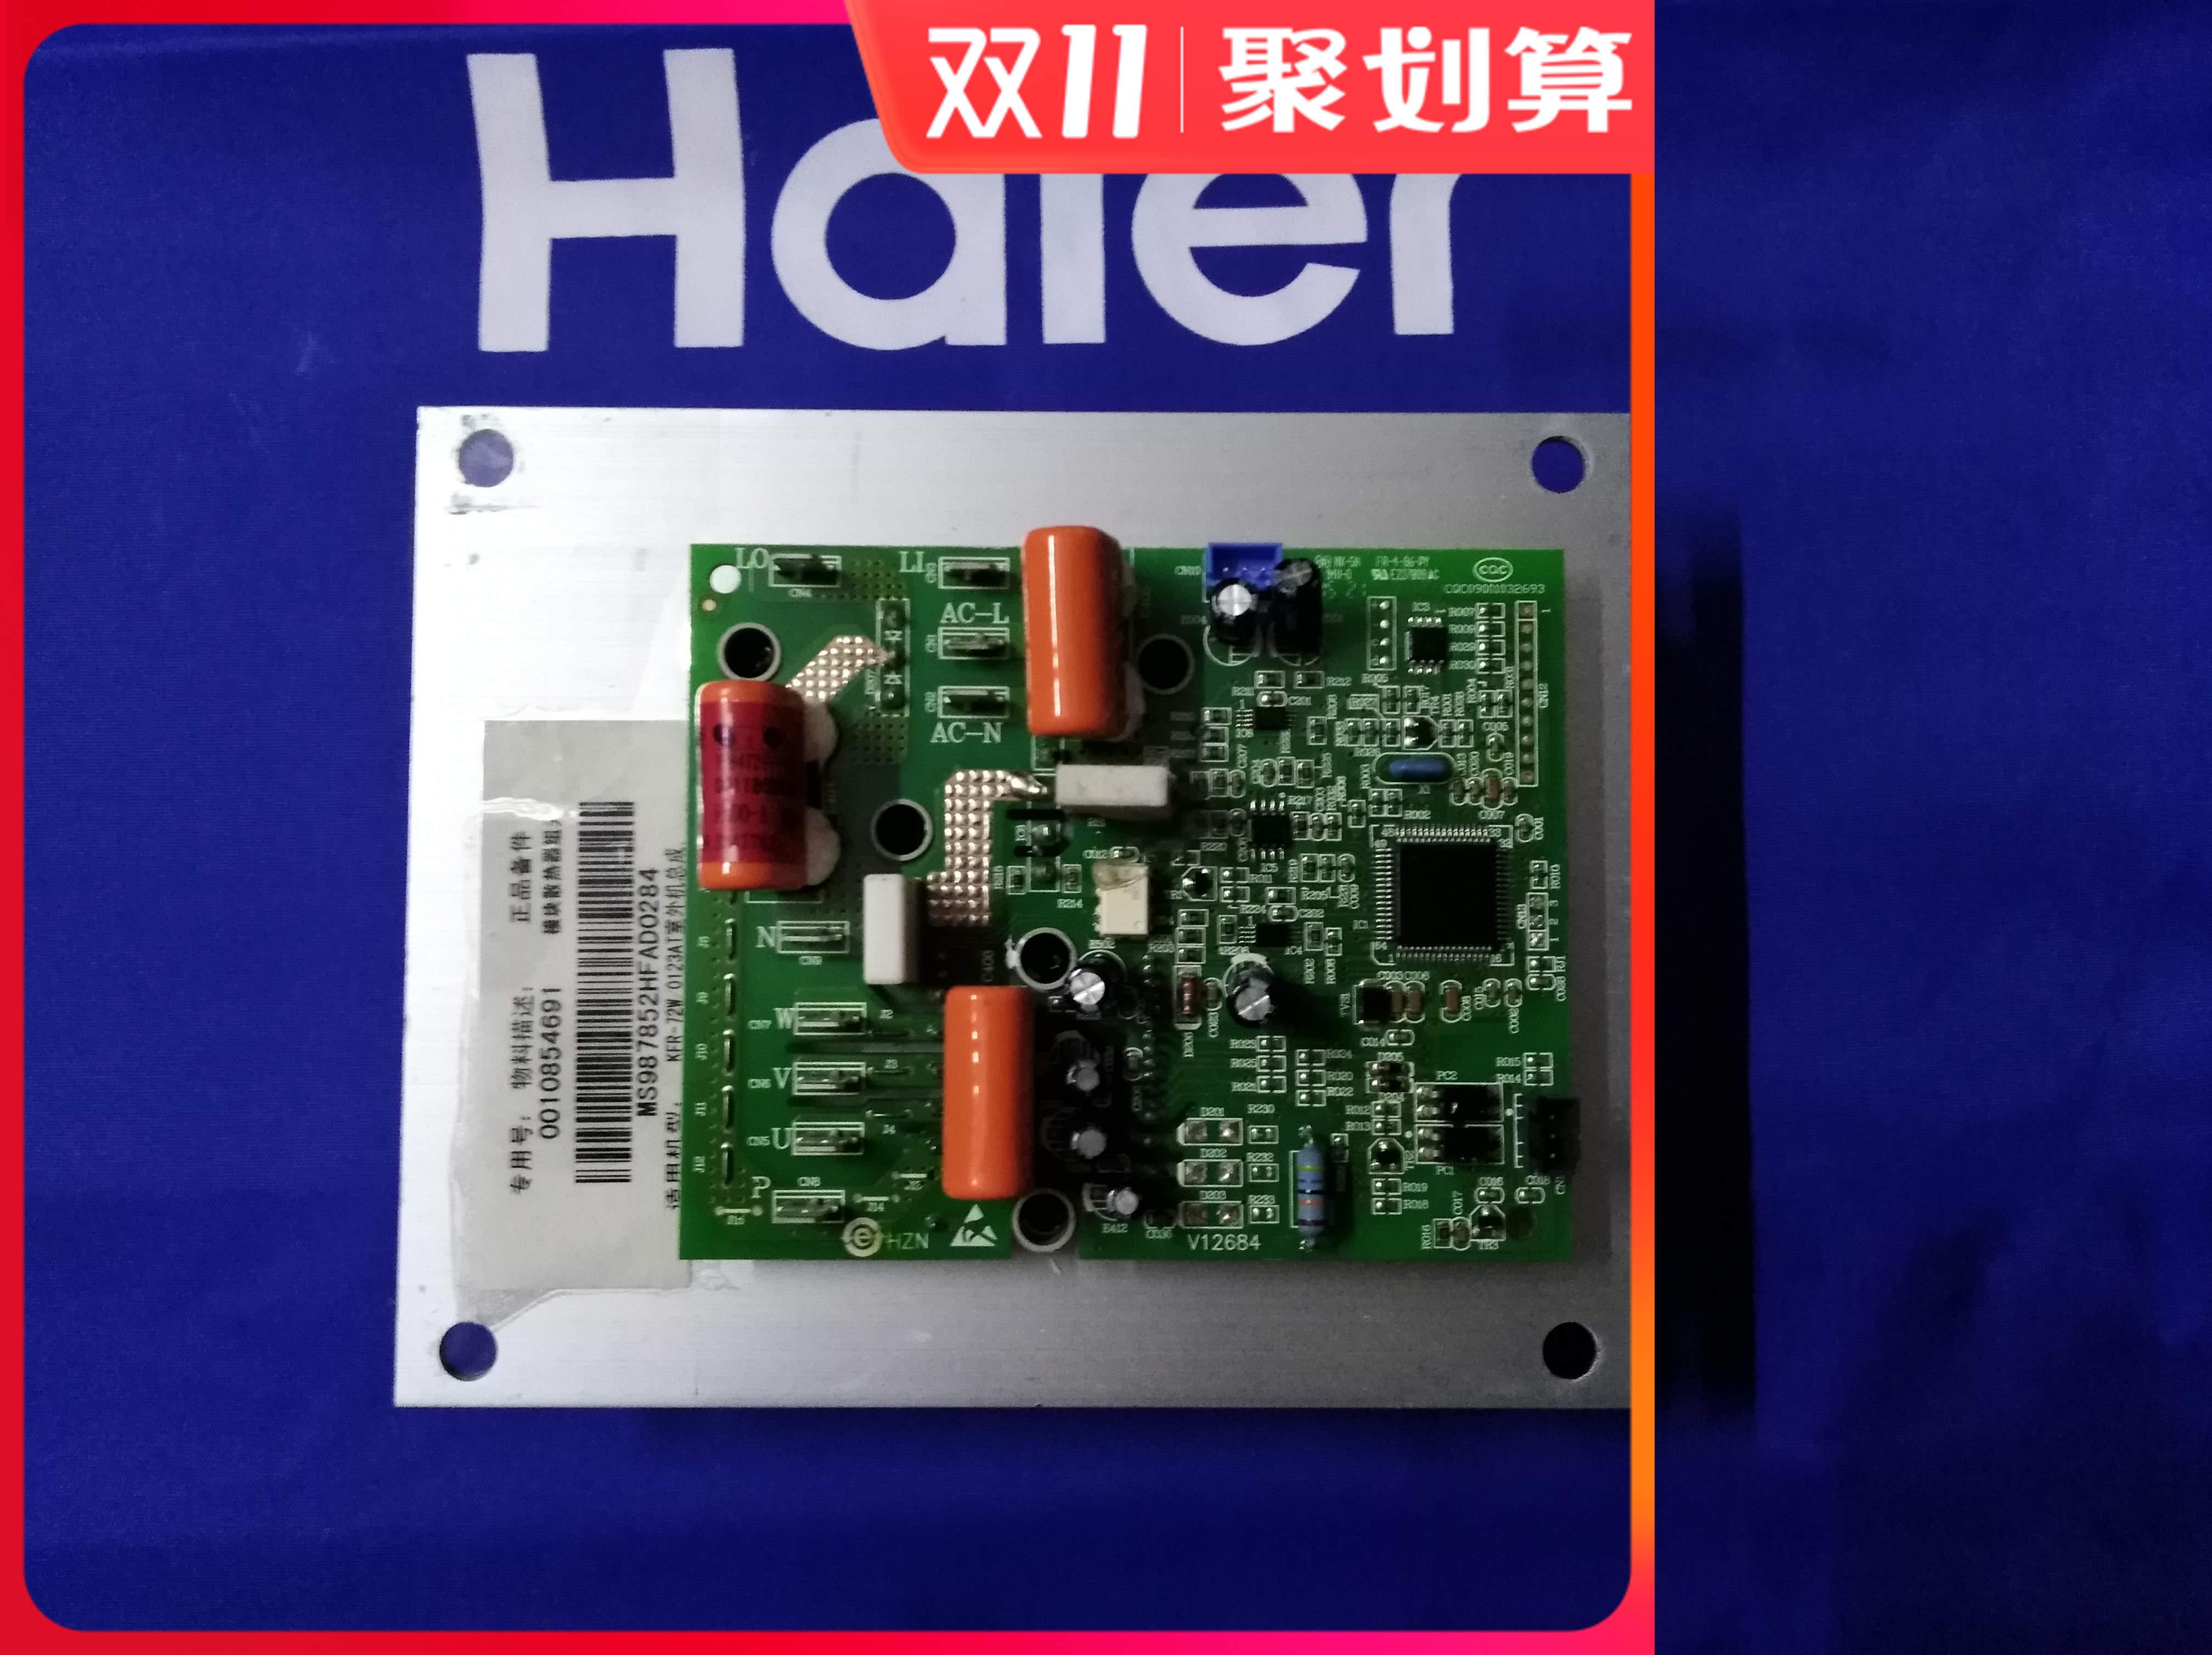 全新原装海尔空调配件001084733外主板驱动板功率模块组压缩机